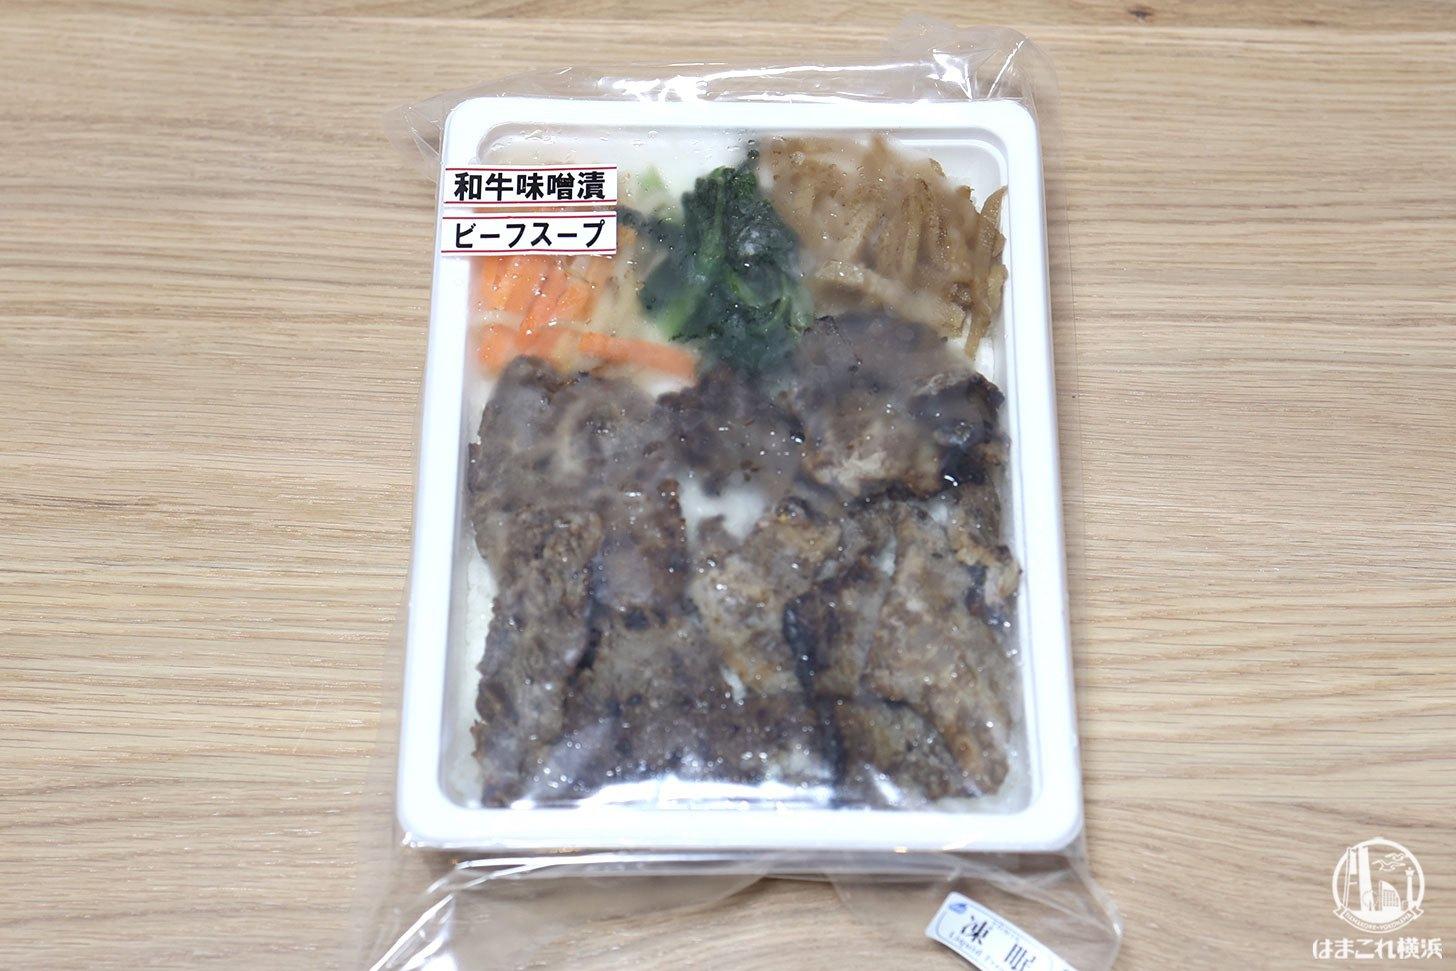 凍眠弁当「黒毛和牛味噌漬け弁当」